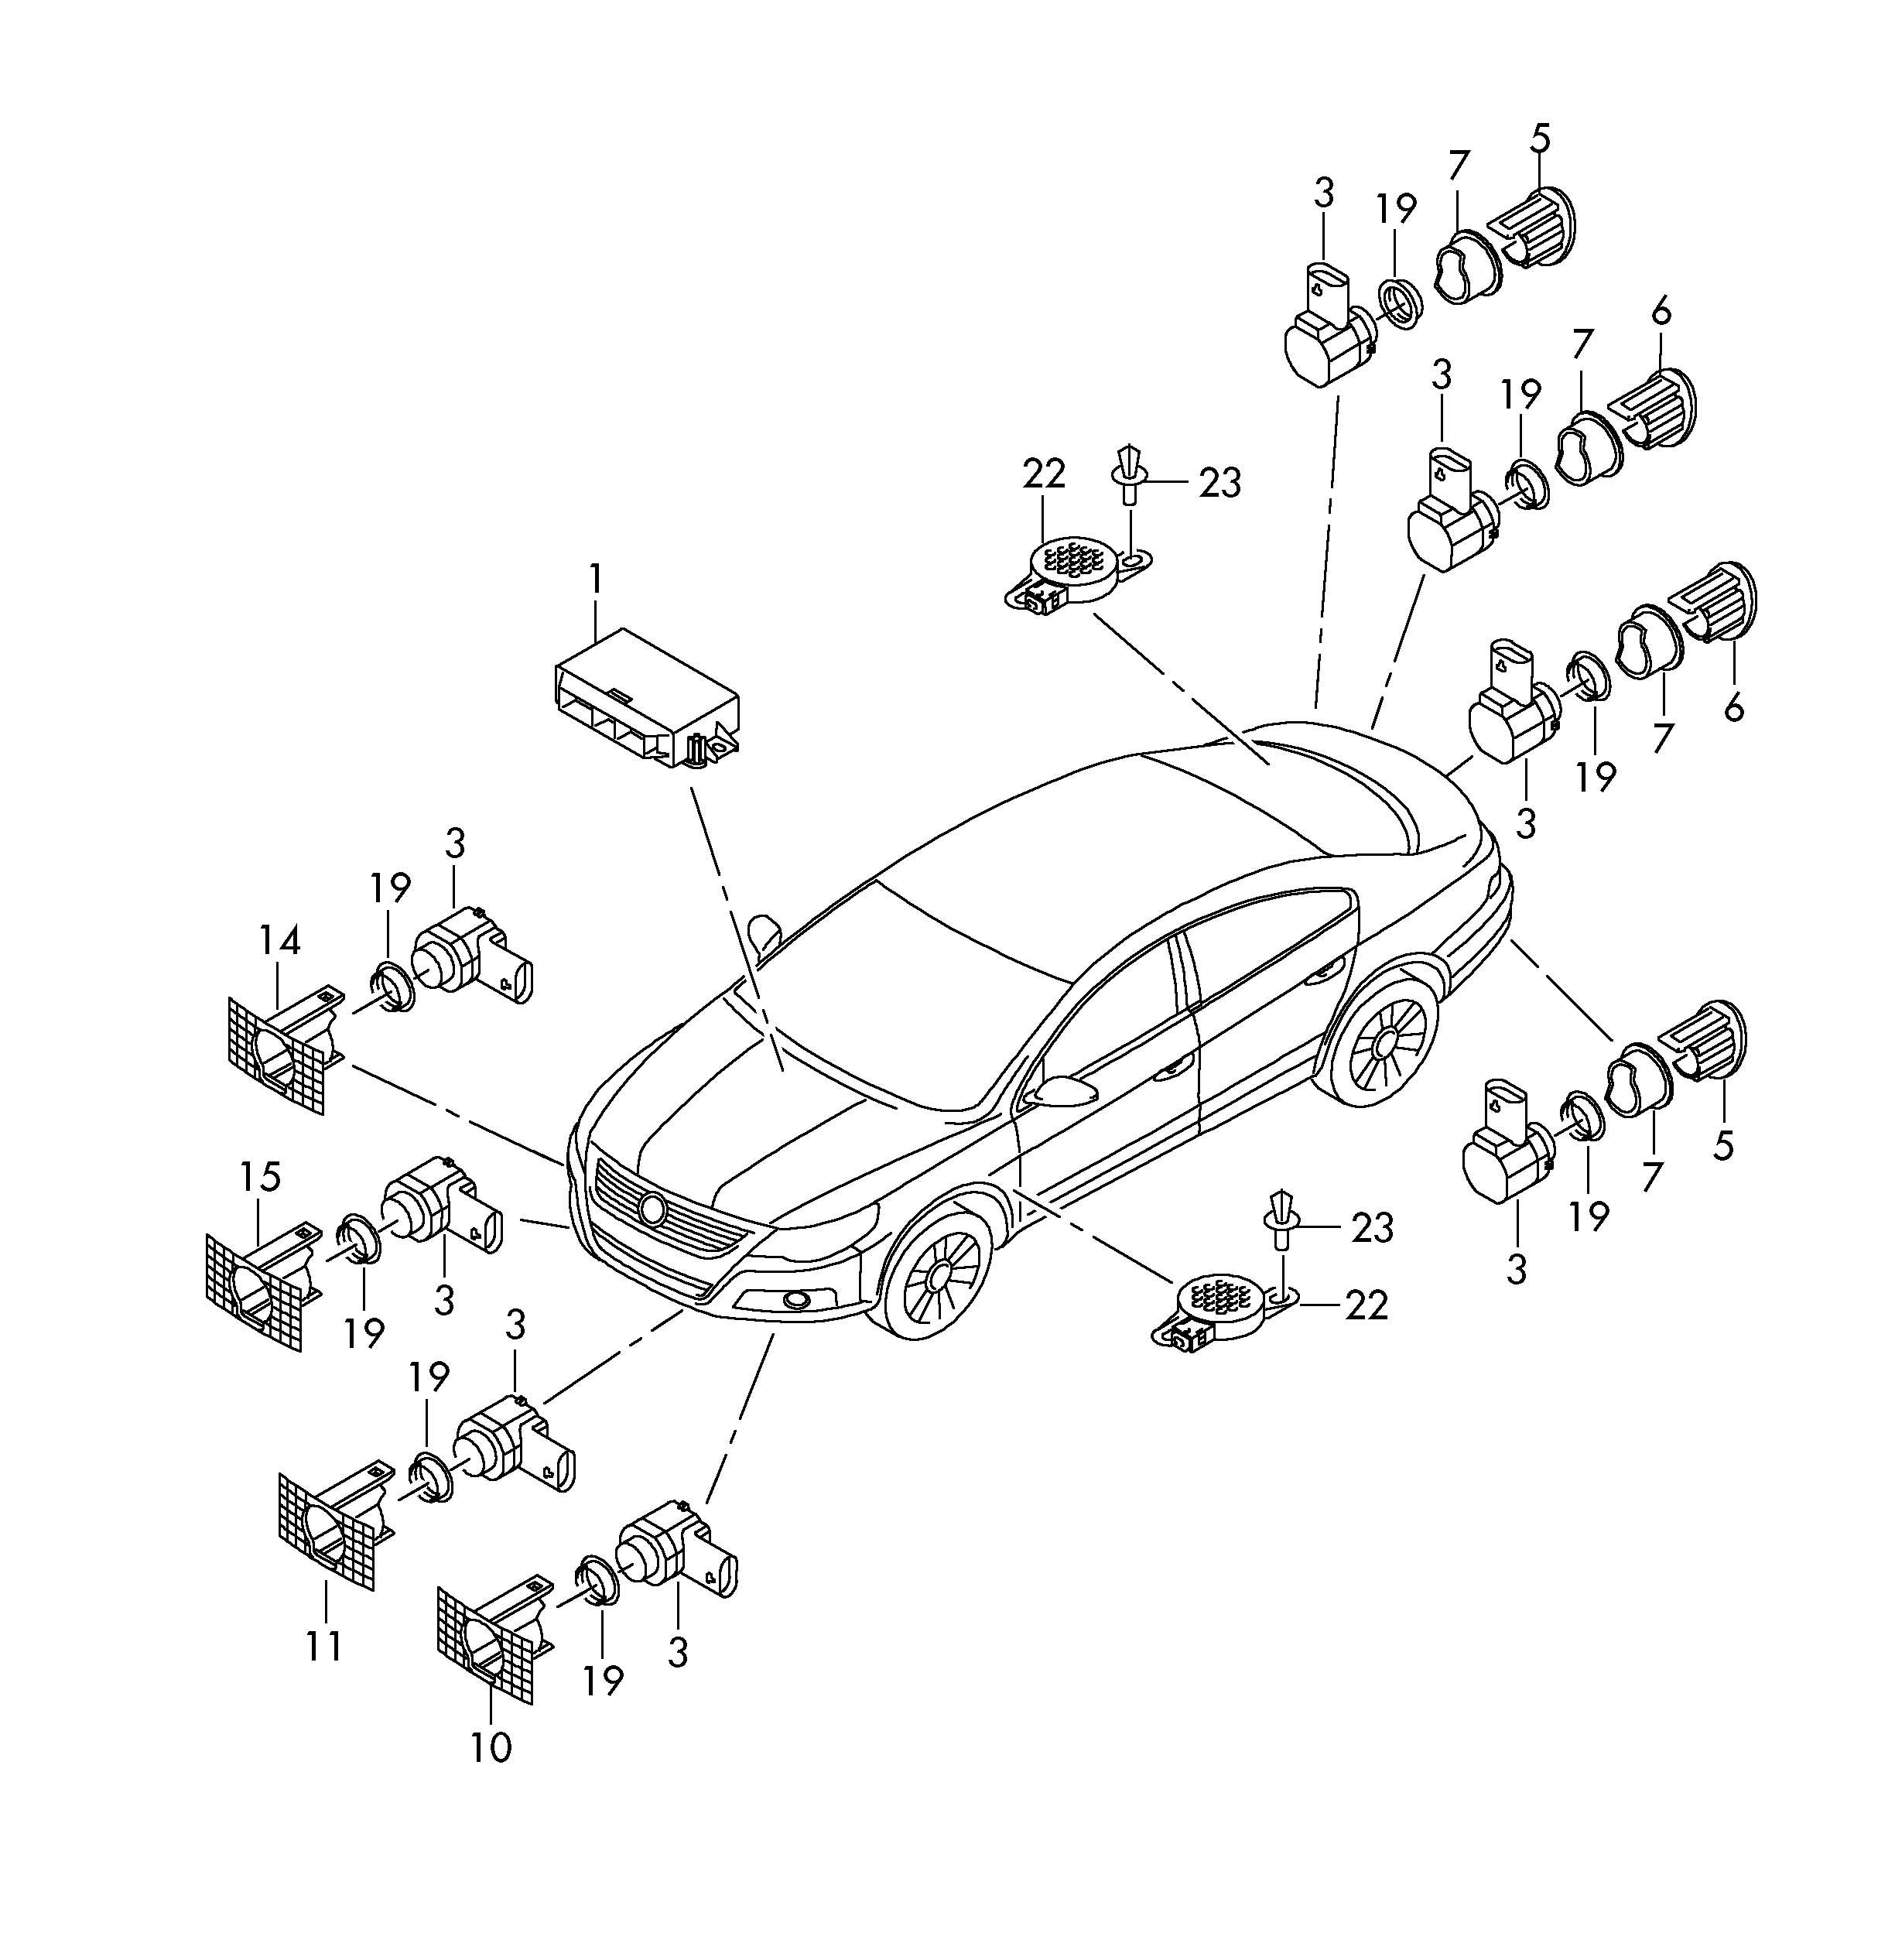 Volkswagen Passat Cc Control Unit For Park Assist Parking